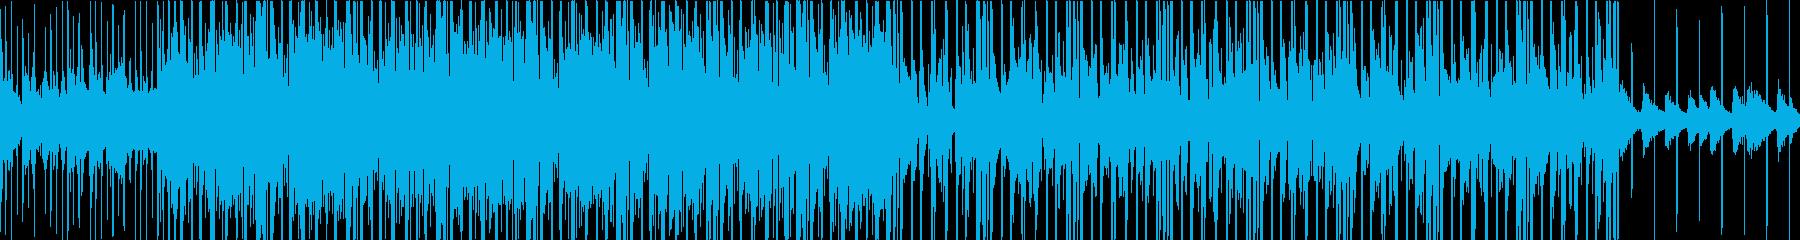 ピアノとシンセのJazz_BGMの再生済みの波形